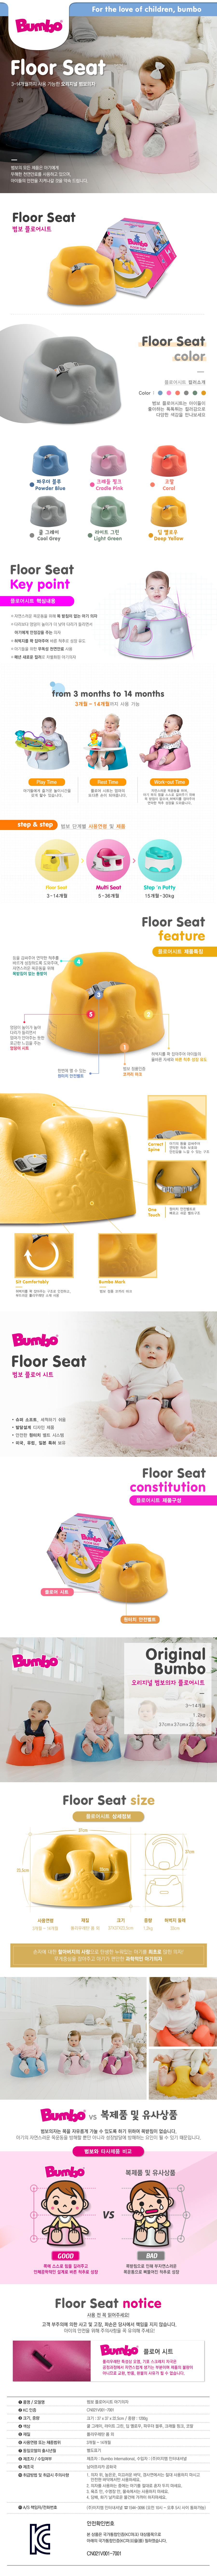 BUMBO 범보 플로어시트 쿨그레이 - 범보, 69,000원, 가구, 의자